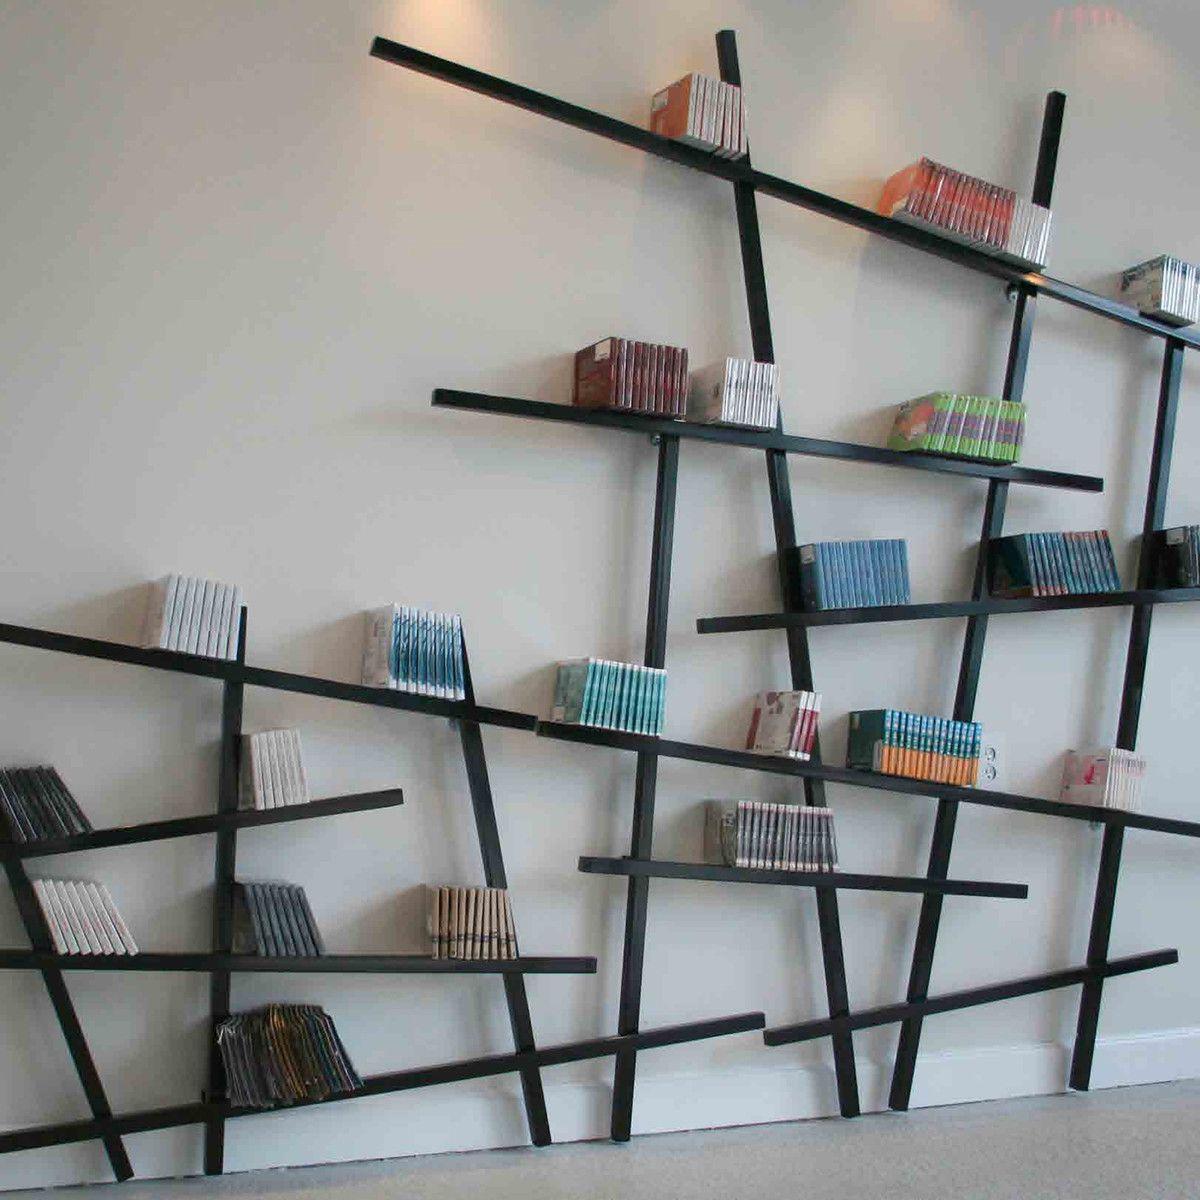 Bücherregal wand design  Edition Compagnie - Mikado Bücherregal Buchenholz, schwarz / groß ...